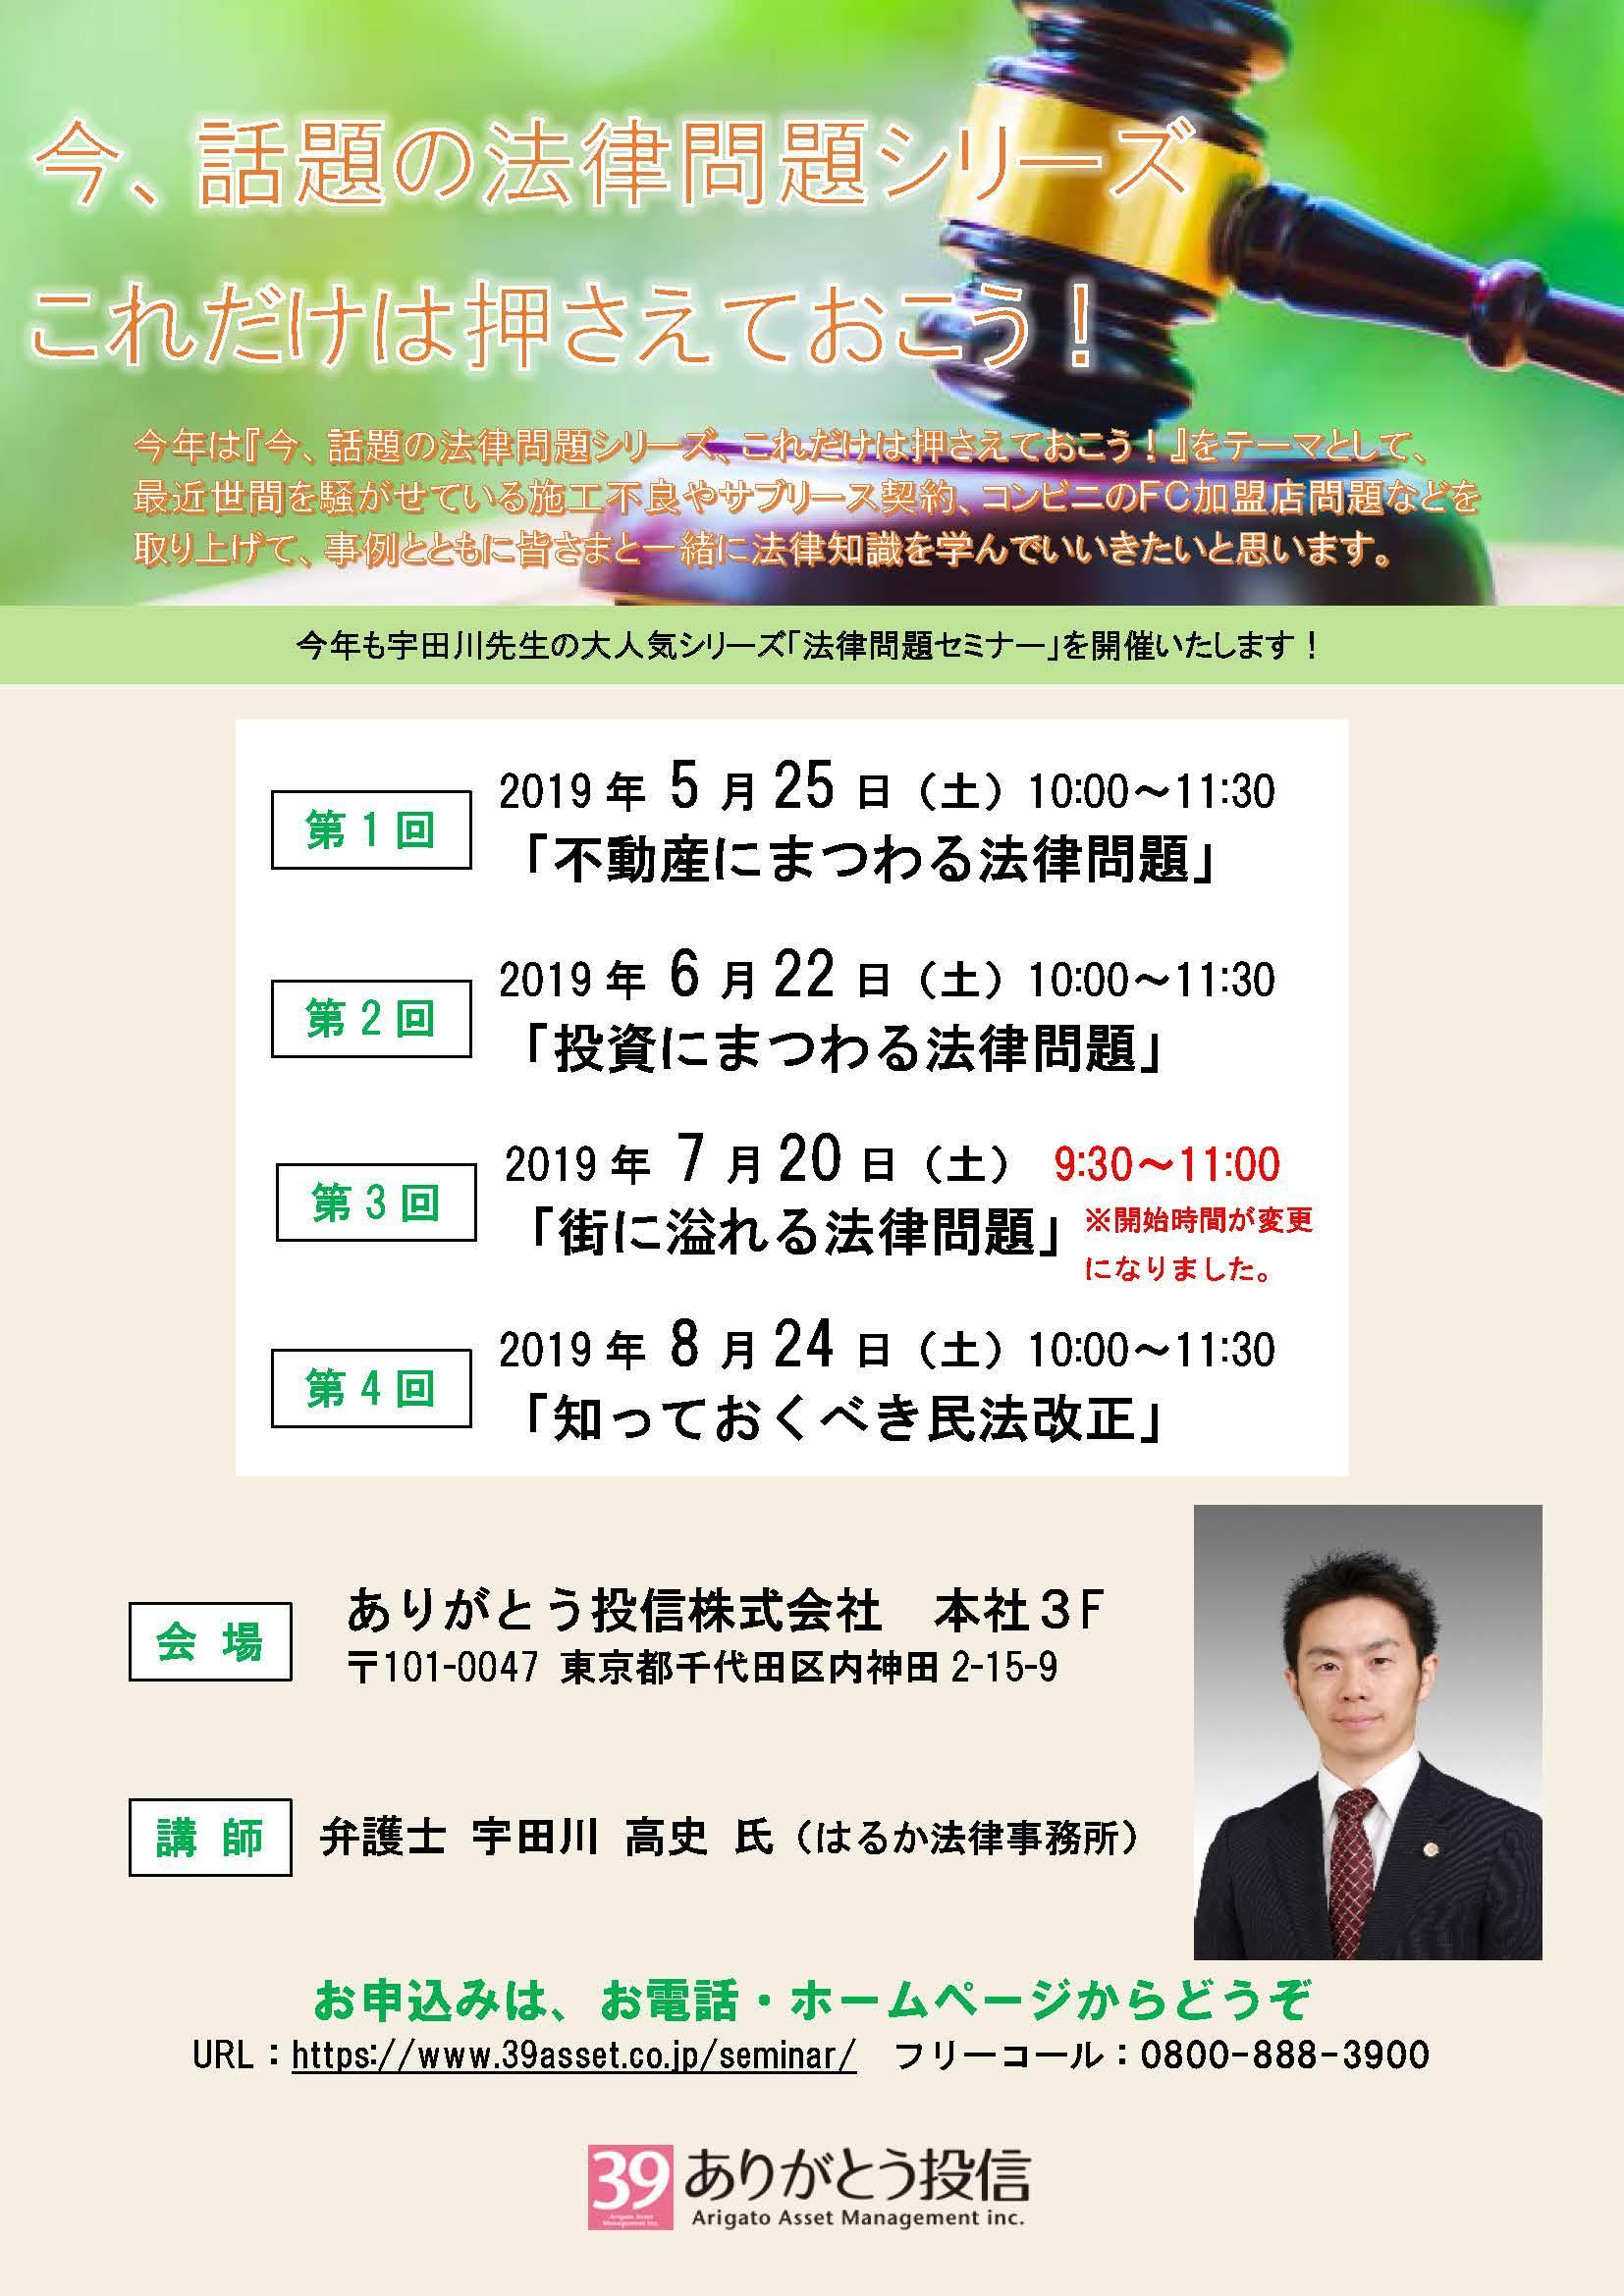 201905法律問題セミナー_チラシ (時間修正).jpg